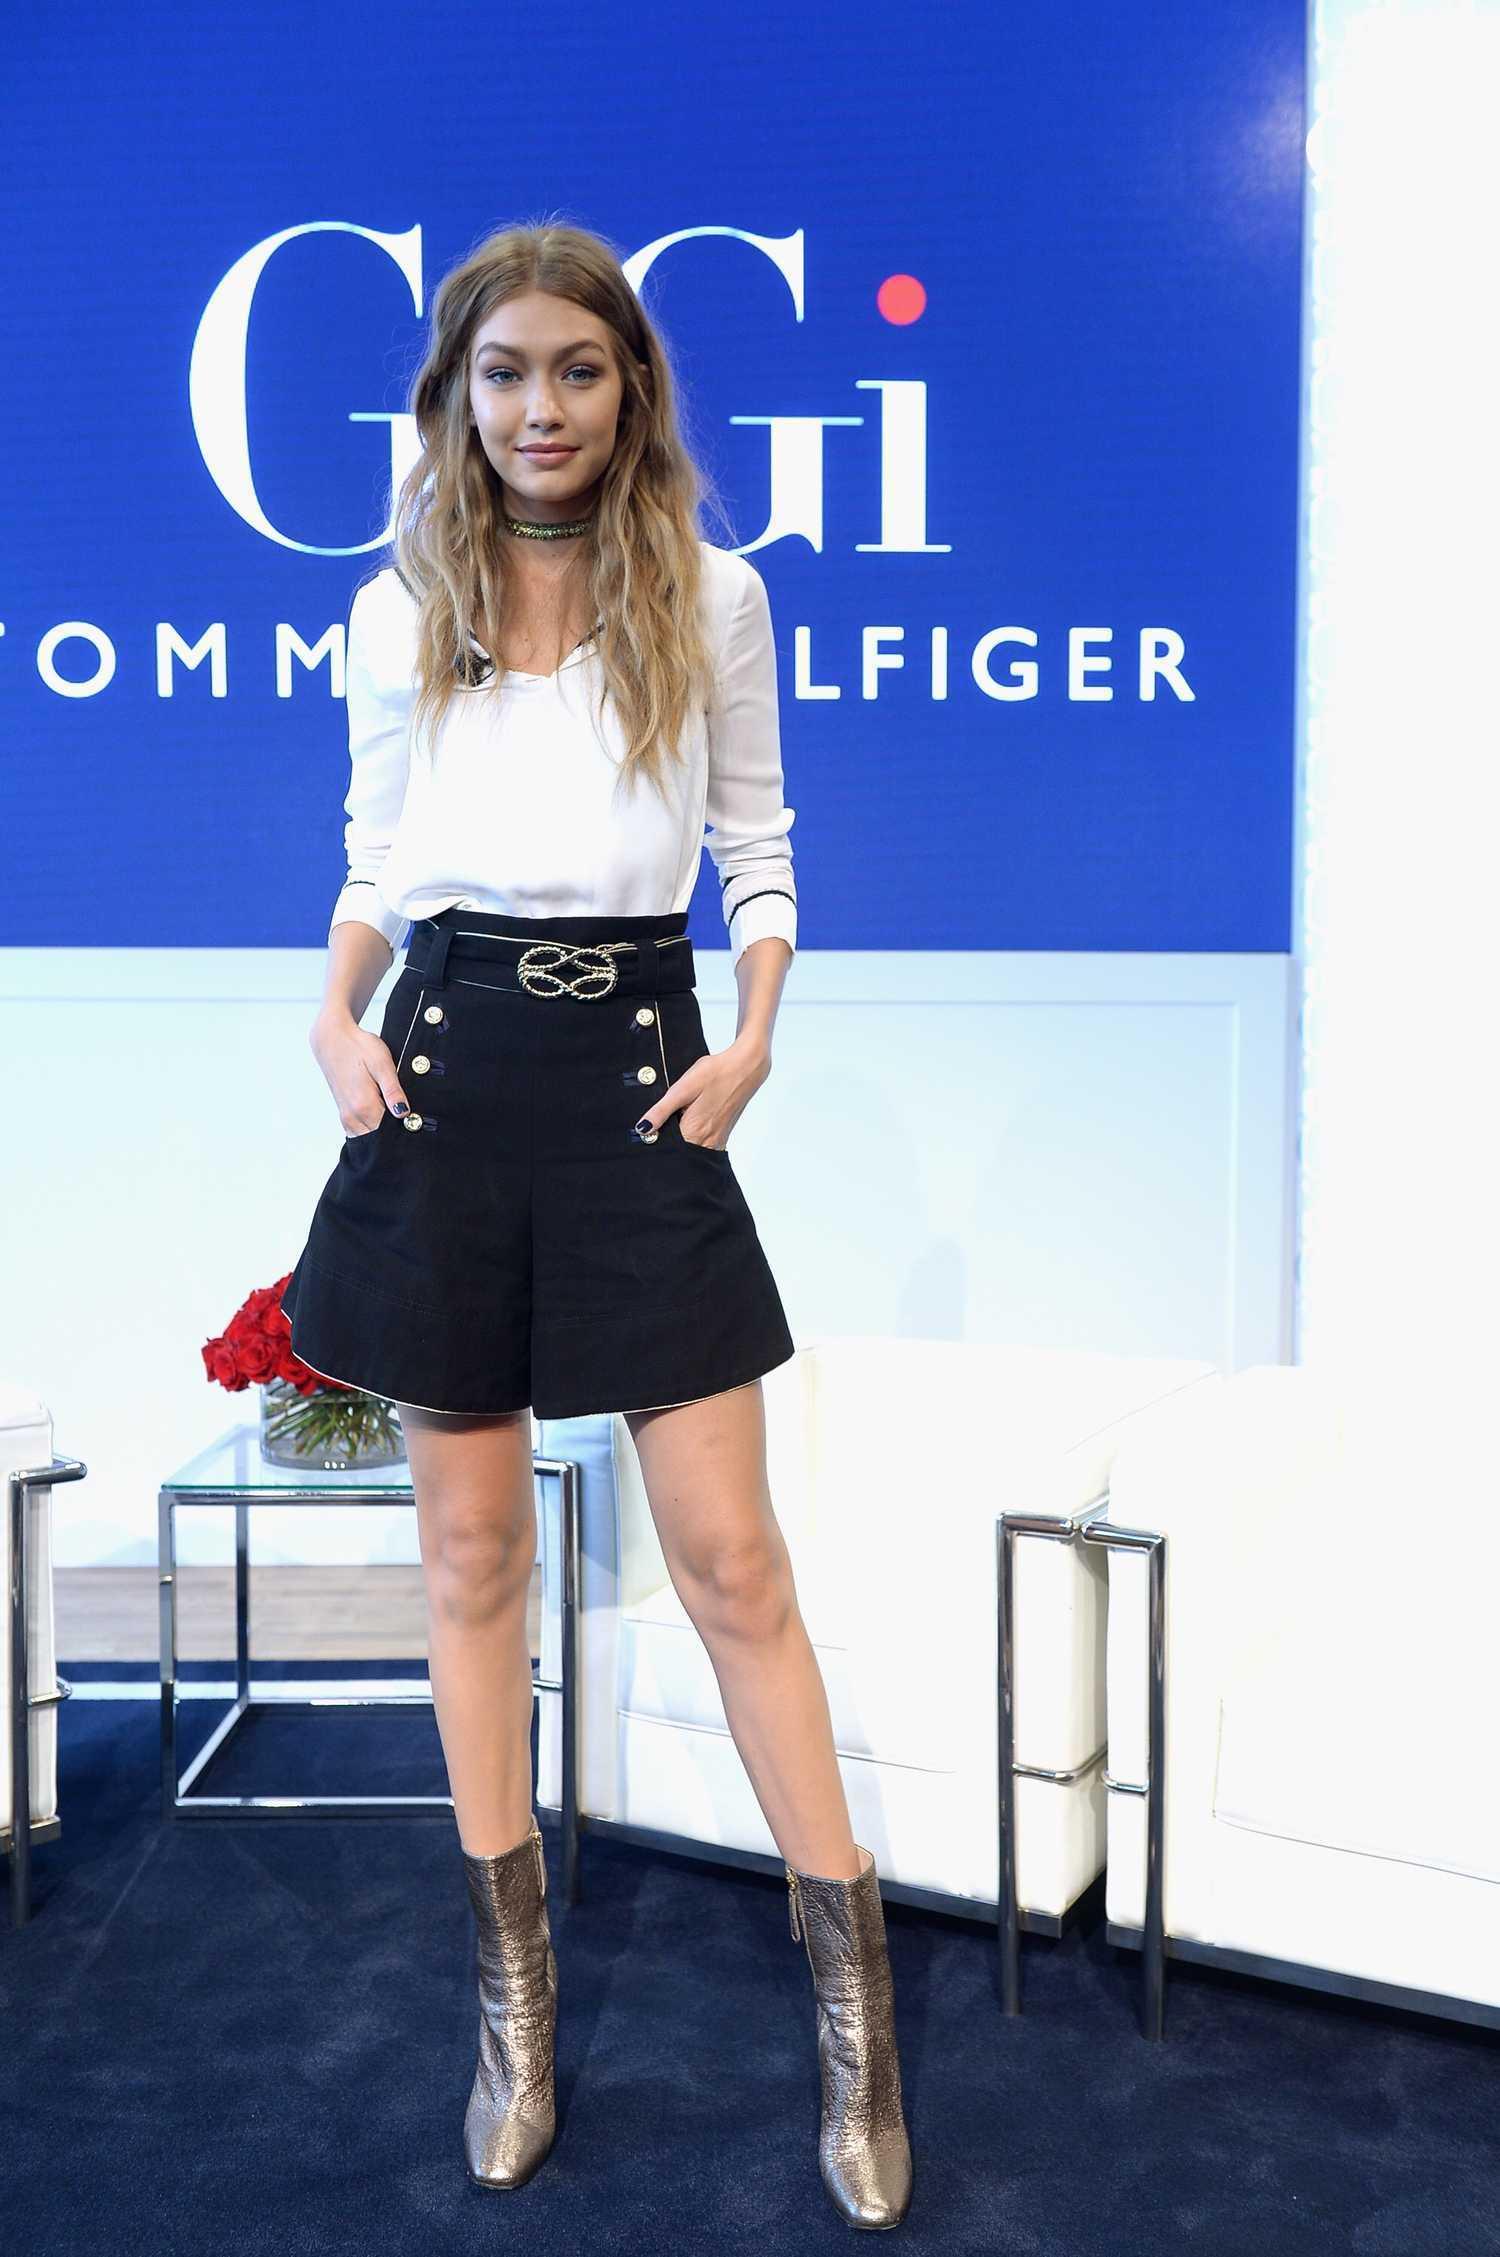 gigi-x-tommy-mini-skirt-sock-booties